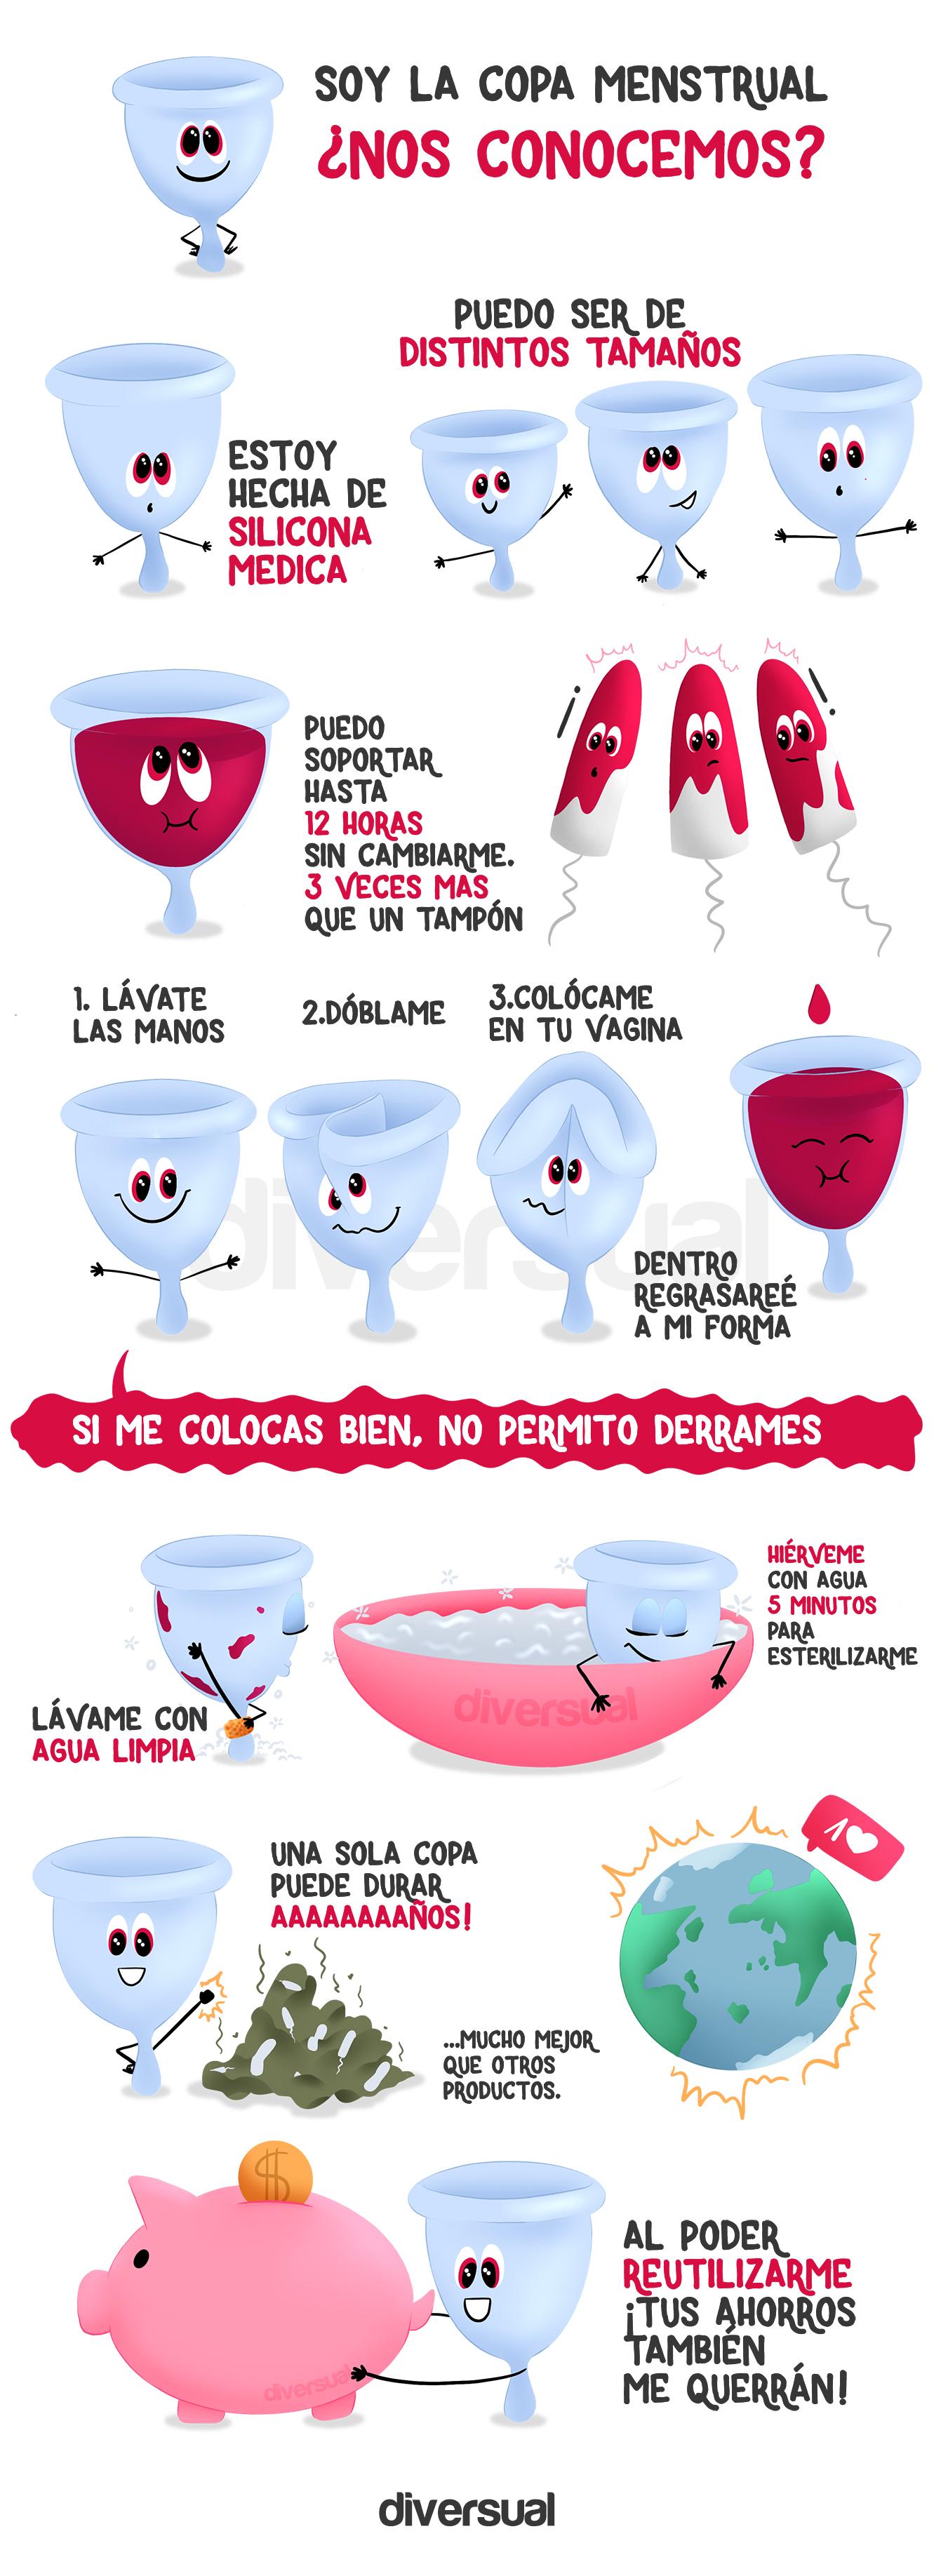 Copa la 5 de menstrual ventajas